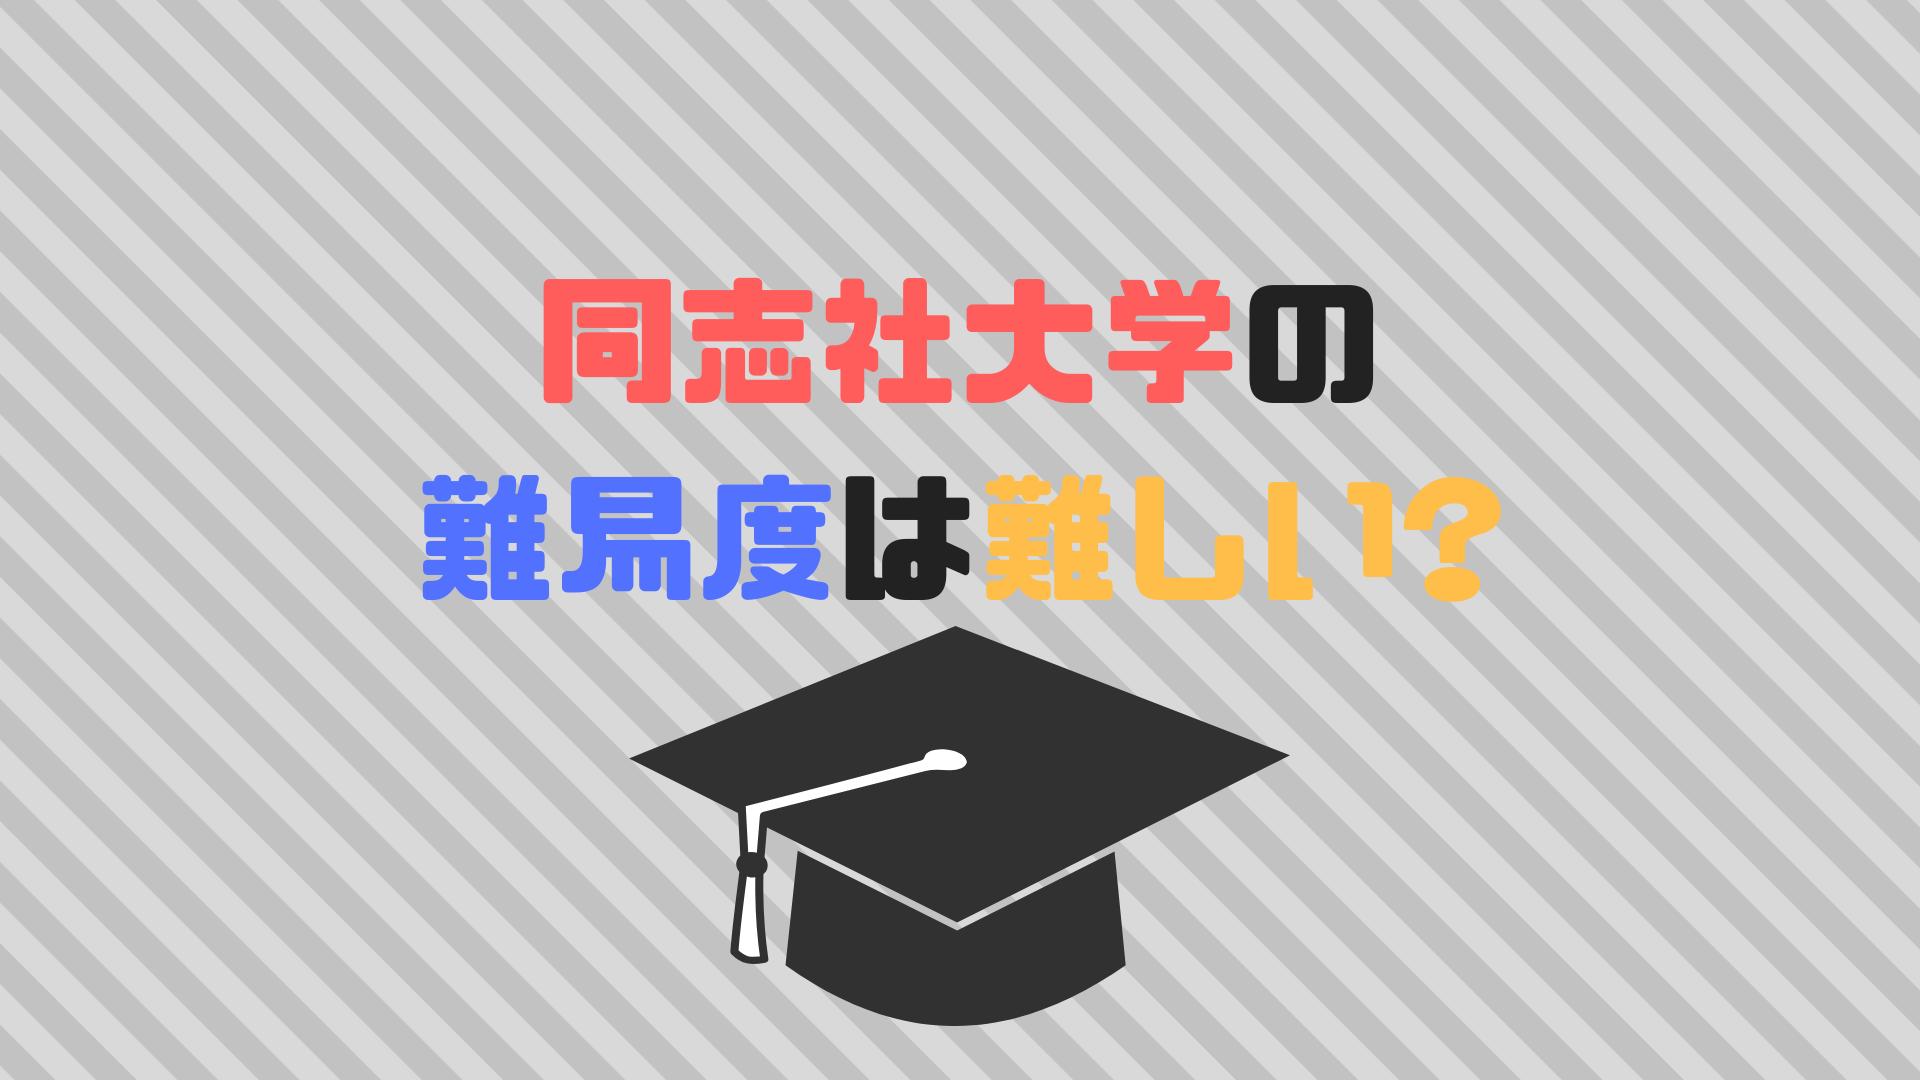 同志社 大学 偏差 値